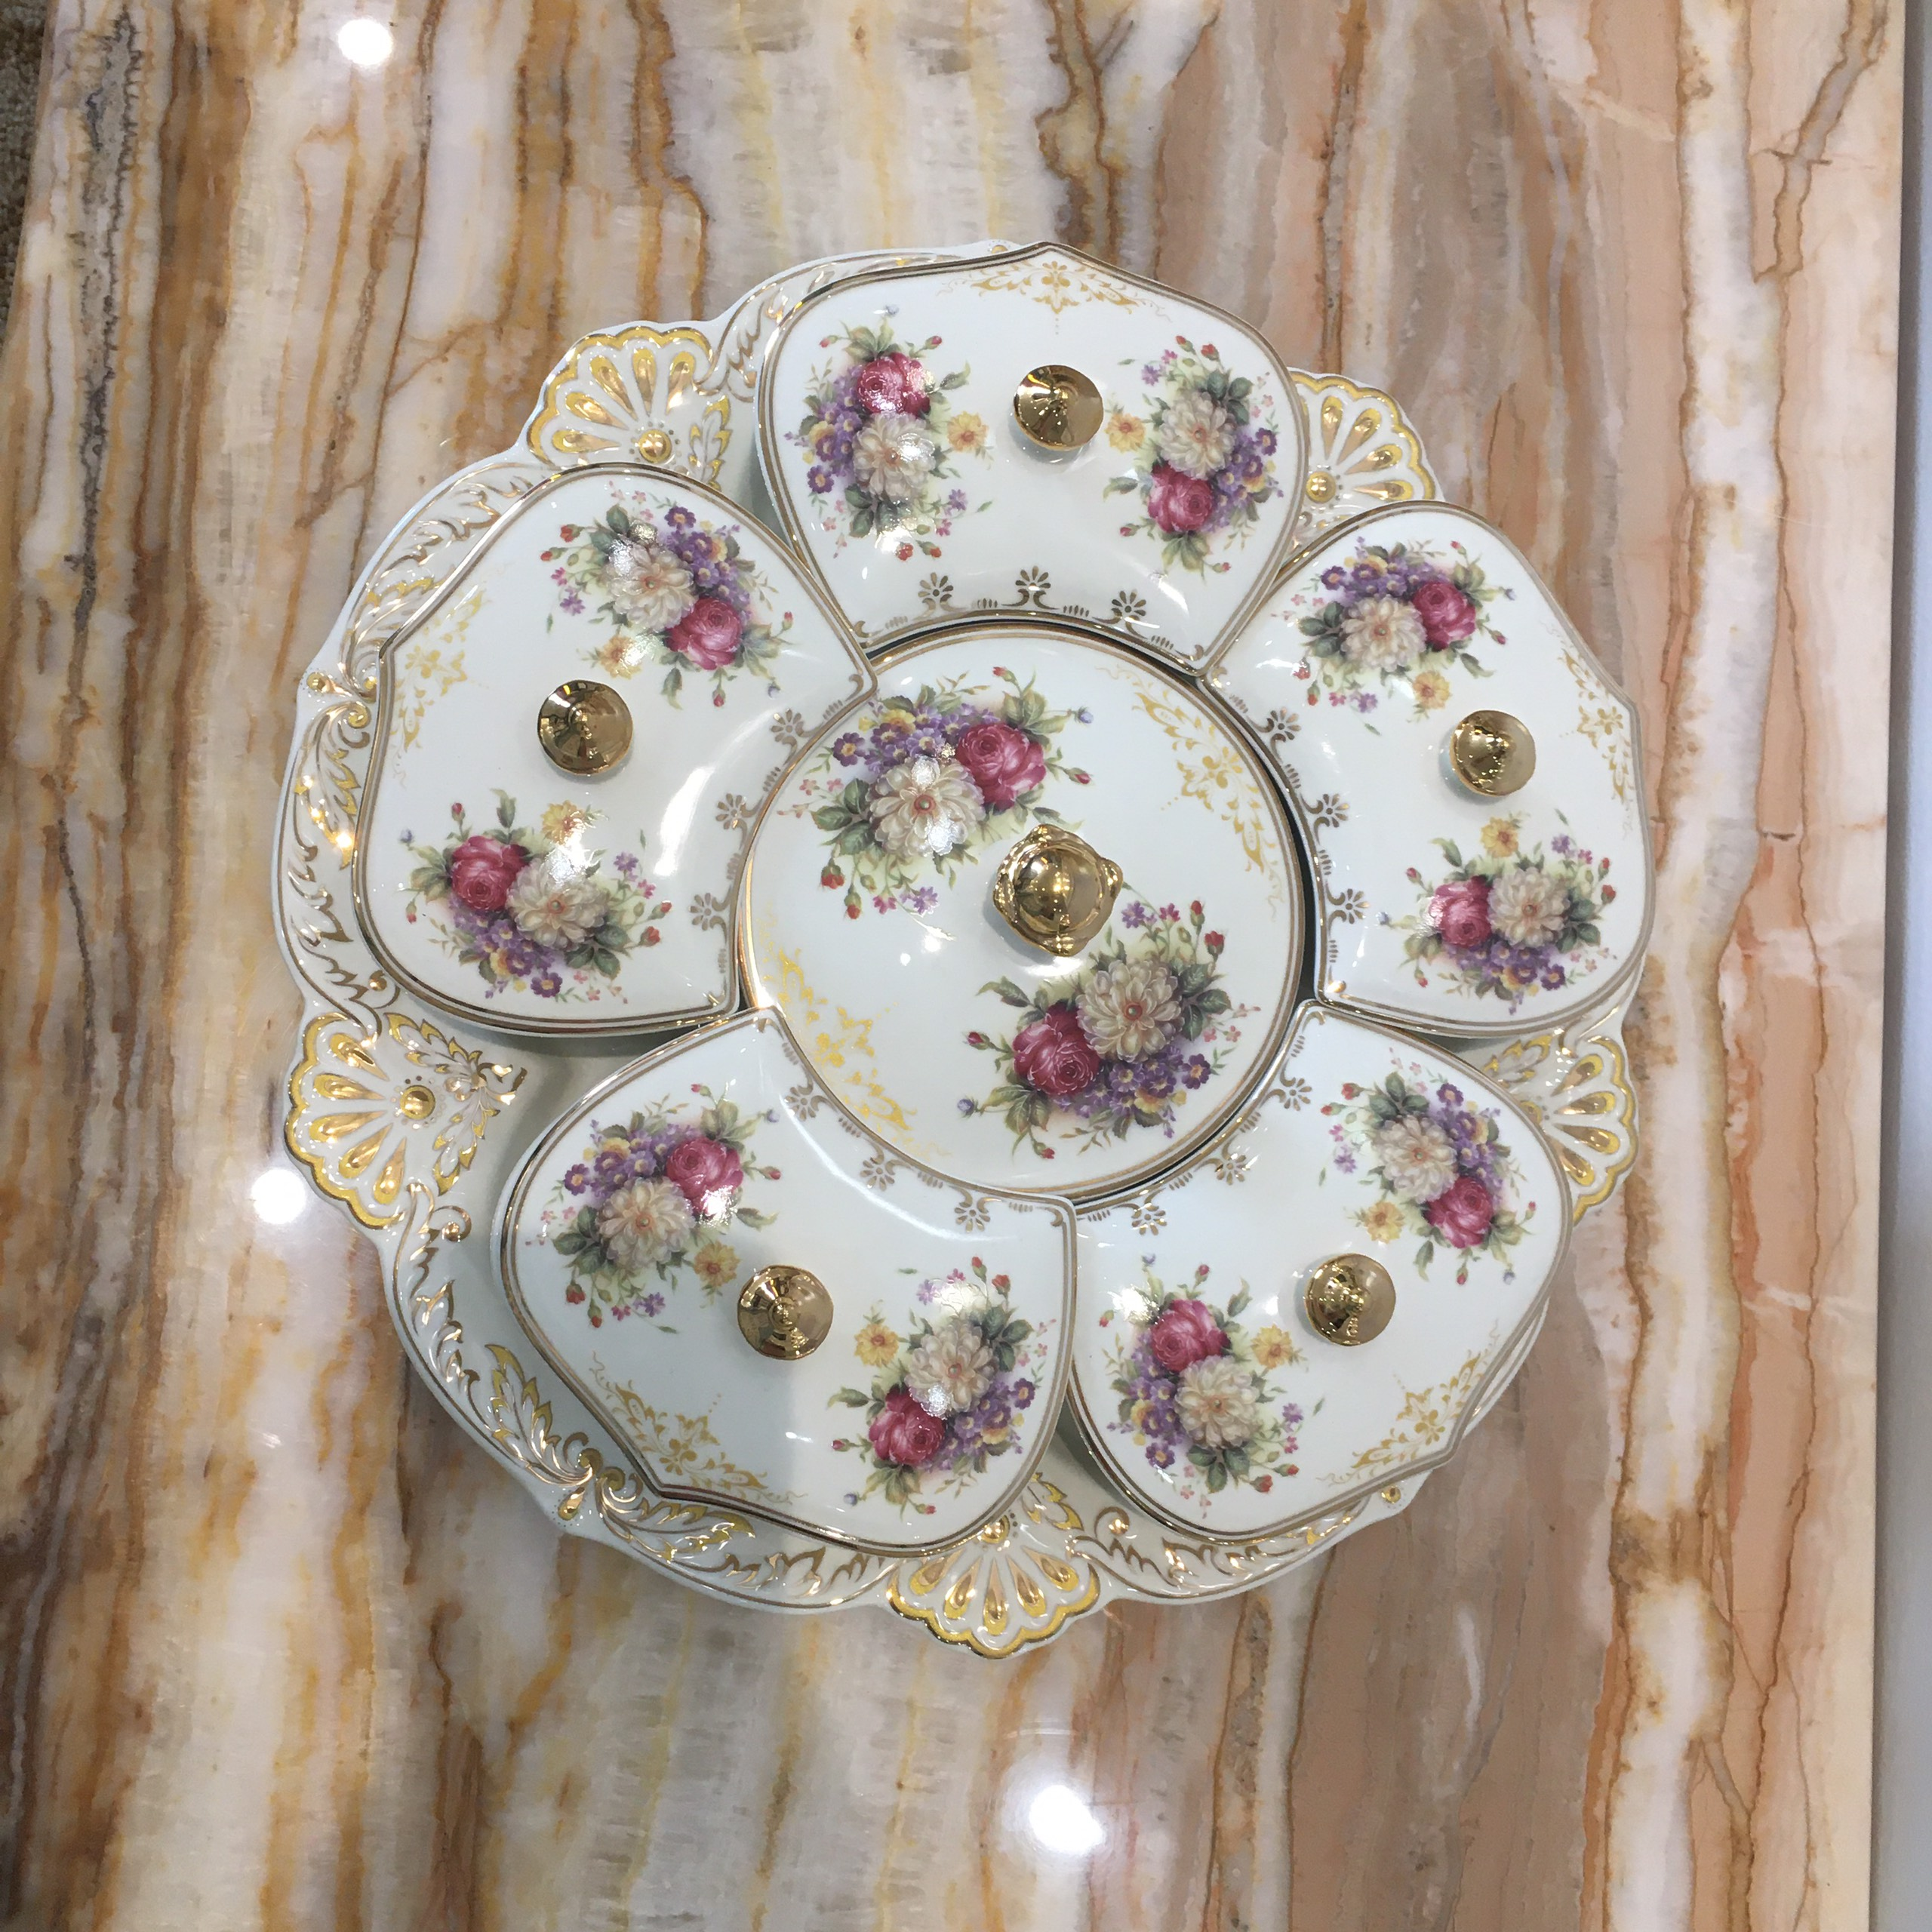 Khay đựng mứt, bánh kẹo ngày Tết họa tiết hoa mẫu đơn làm từ sứ cao cấp  phong cách tân cổ điển Châu Âu - Khay mứt Thương hiệu OEM